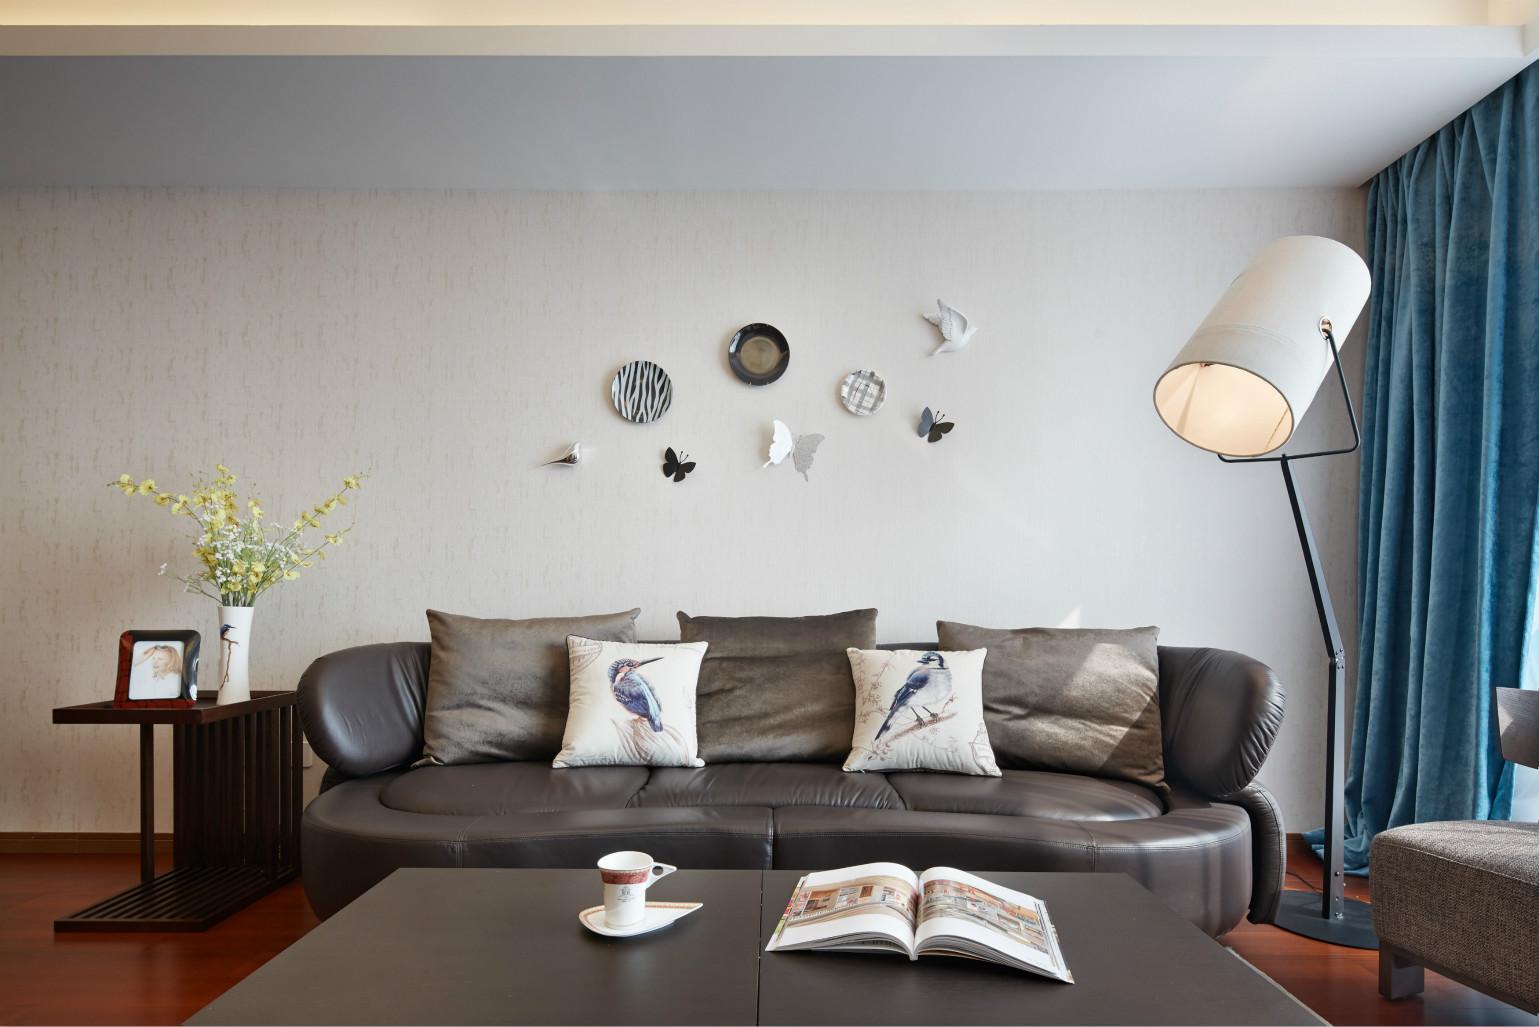 沙发的背景墙挂着艺术气息的碟子,使整个客厅含有艺术氛围